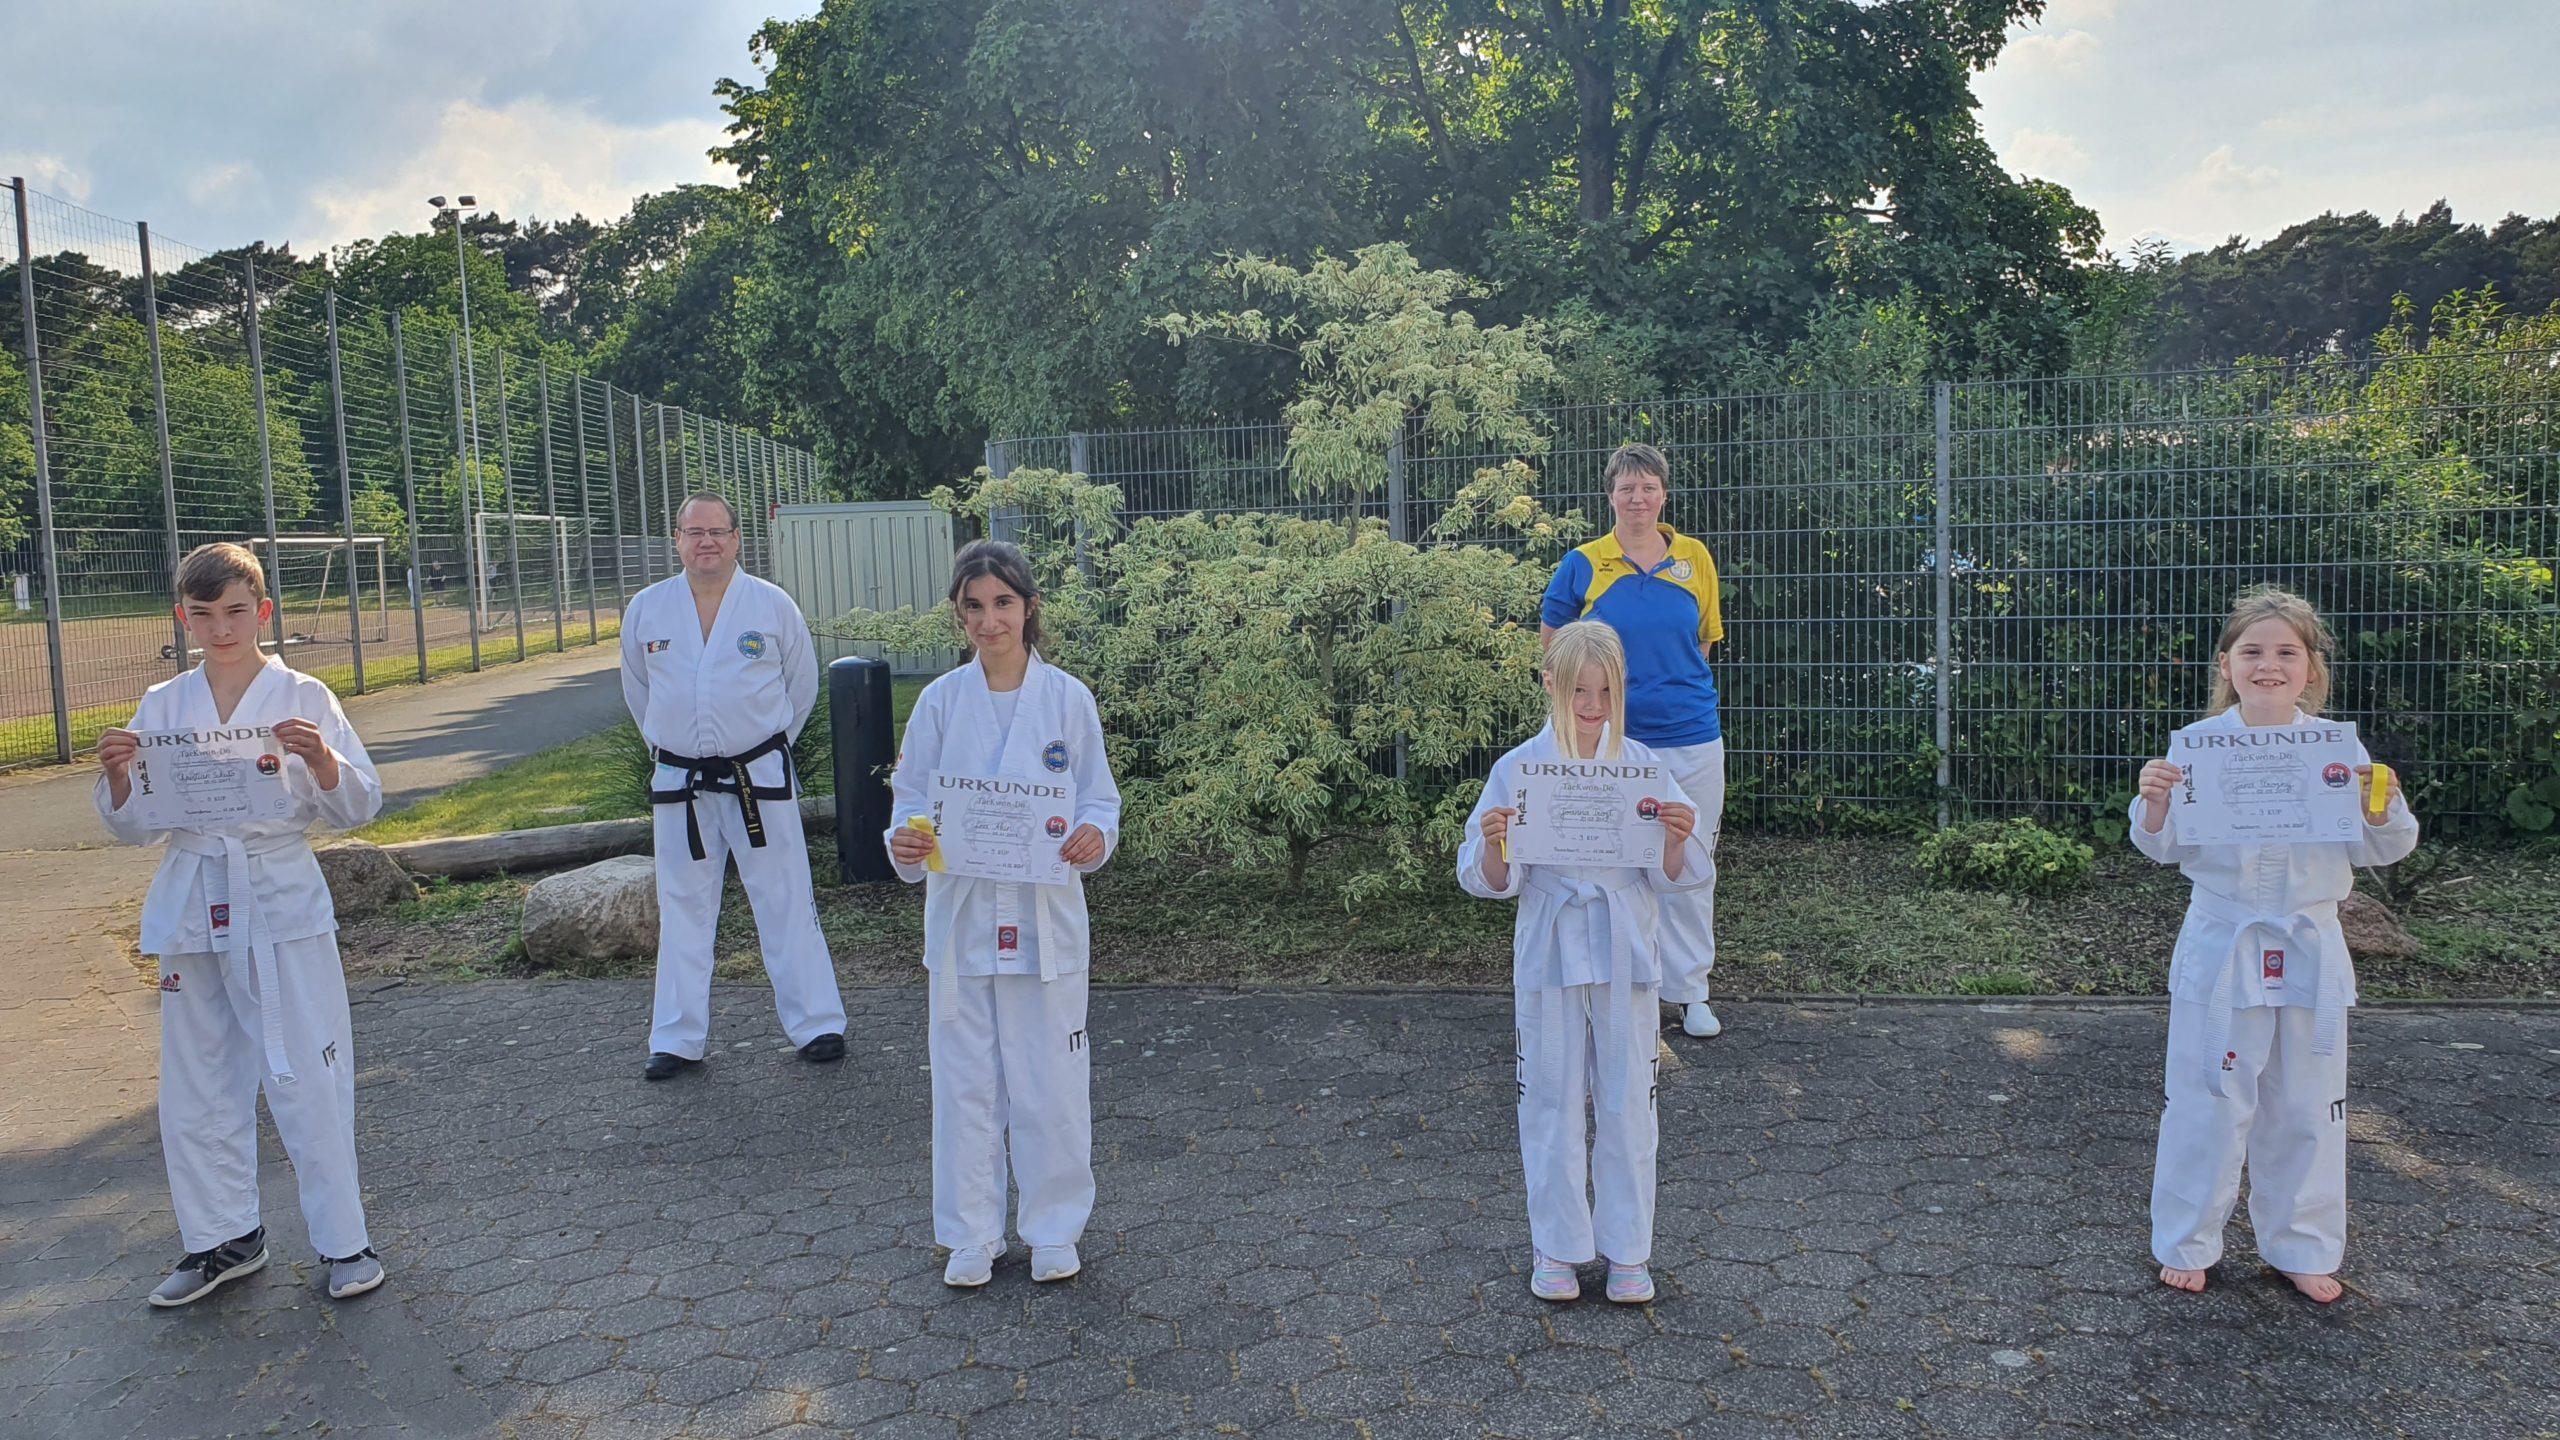 Gruppenfoto der Prüfung vom 11.06.2021